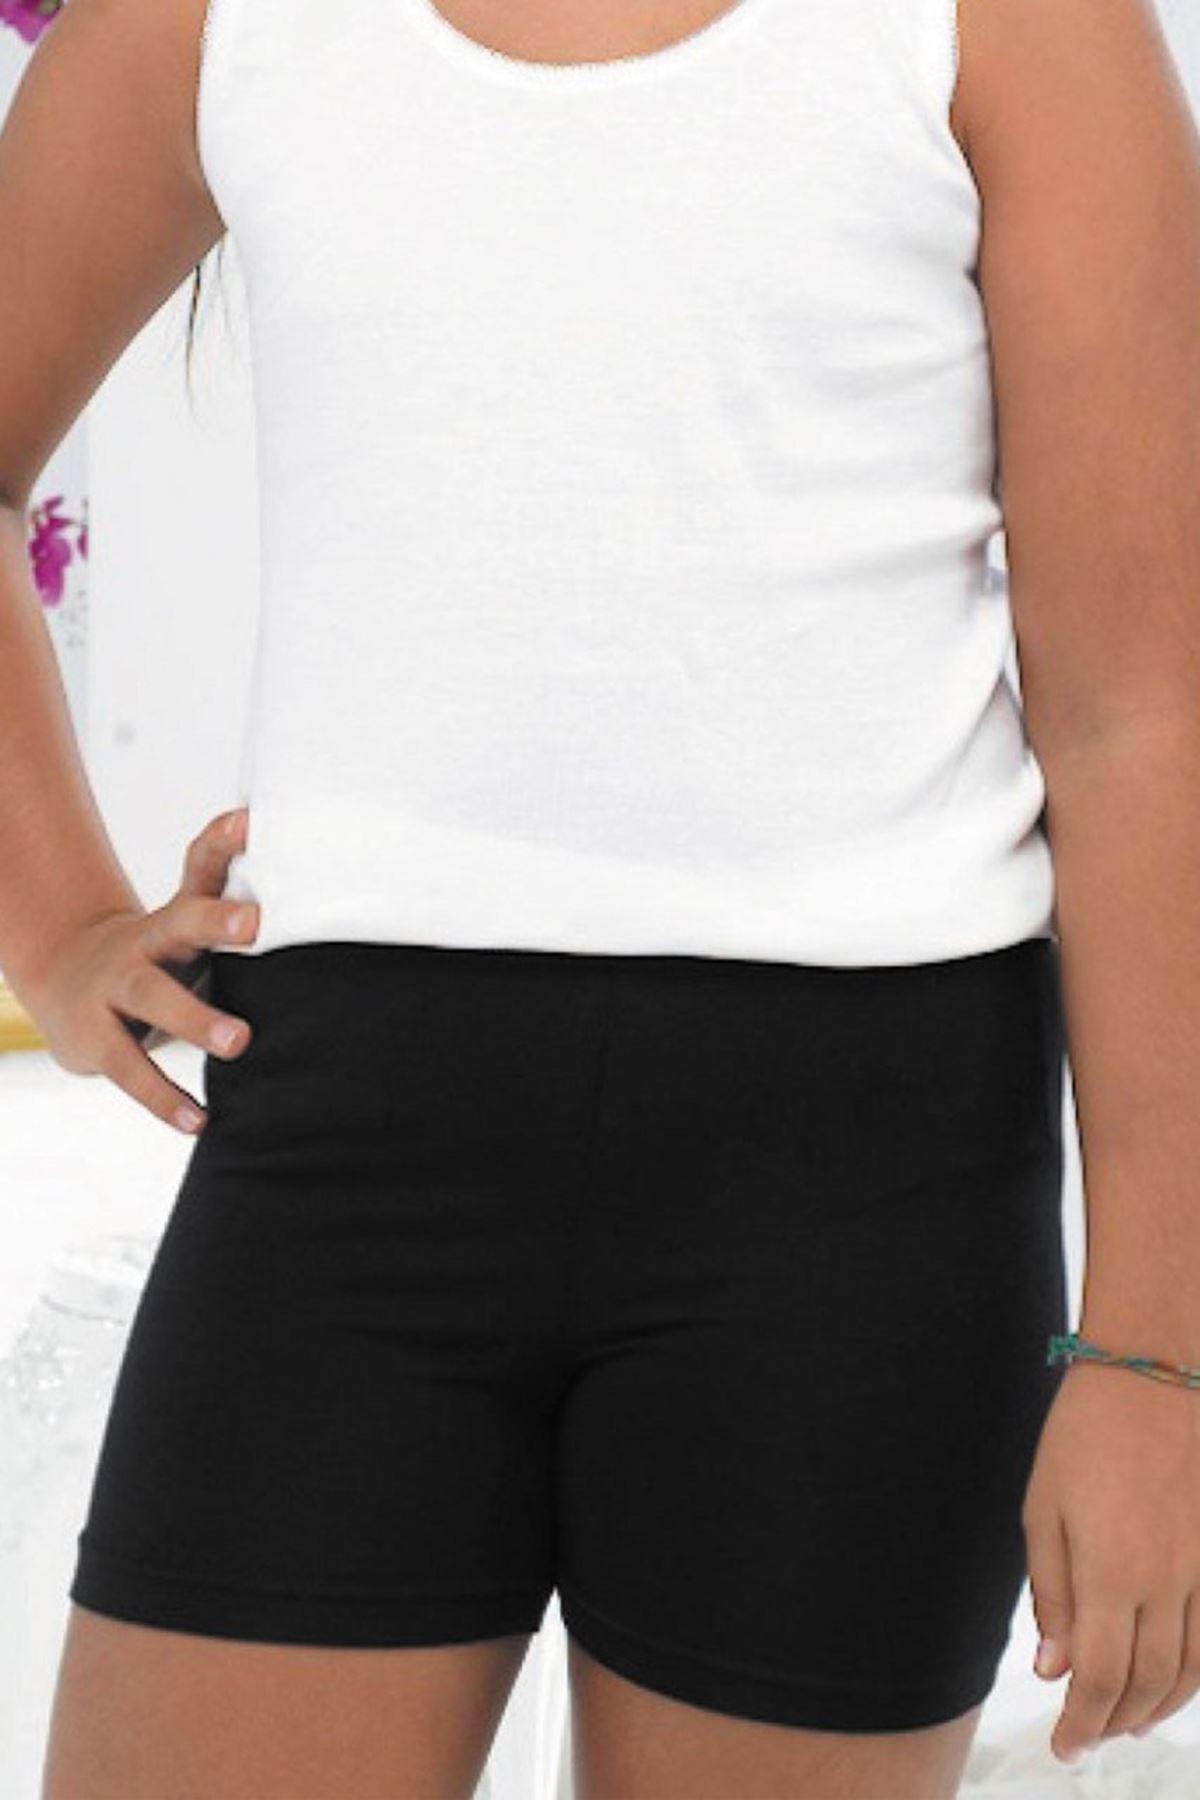 Siyah Kız Çocuk Modal Kısa Şort Tayt 309